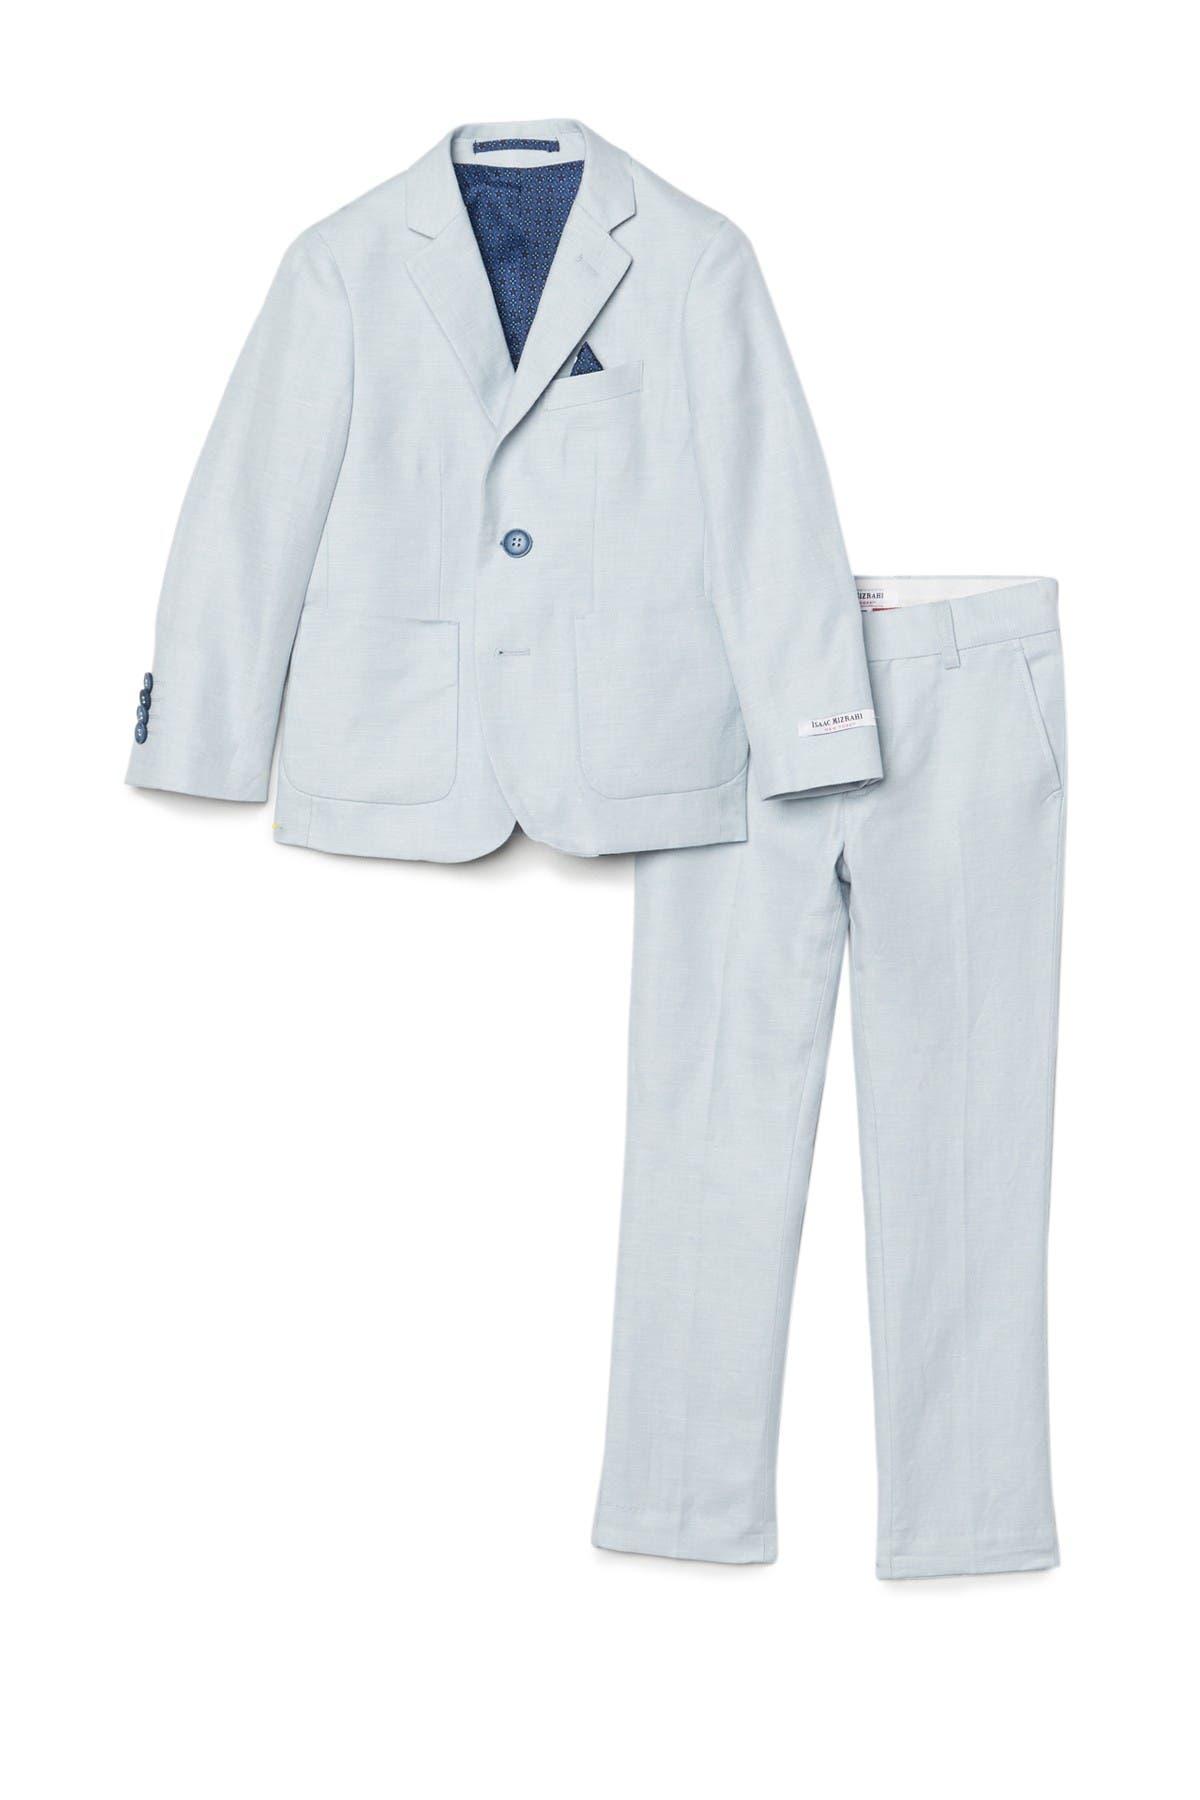 Image of Isaac Mizrahi Slim Fit 2-Button Textured Cotton Linen Suit